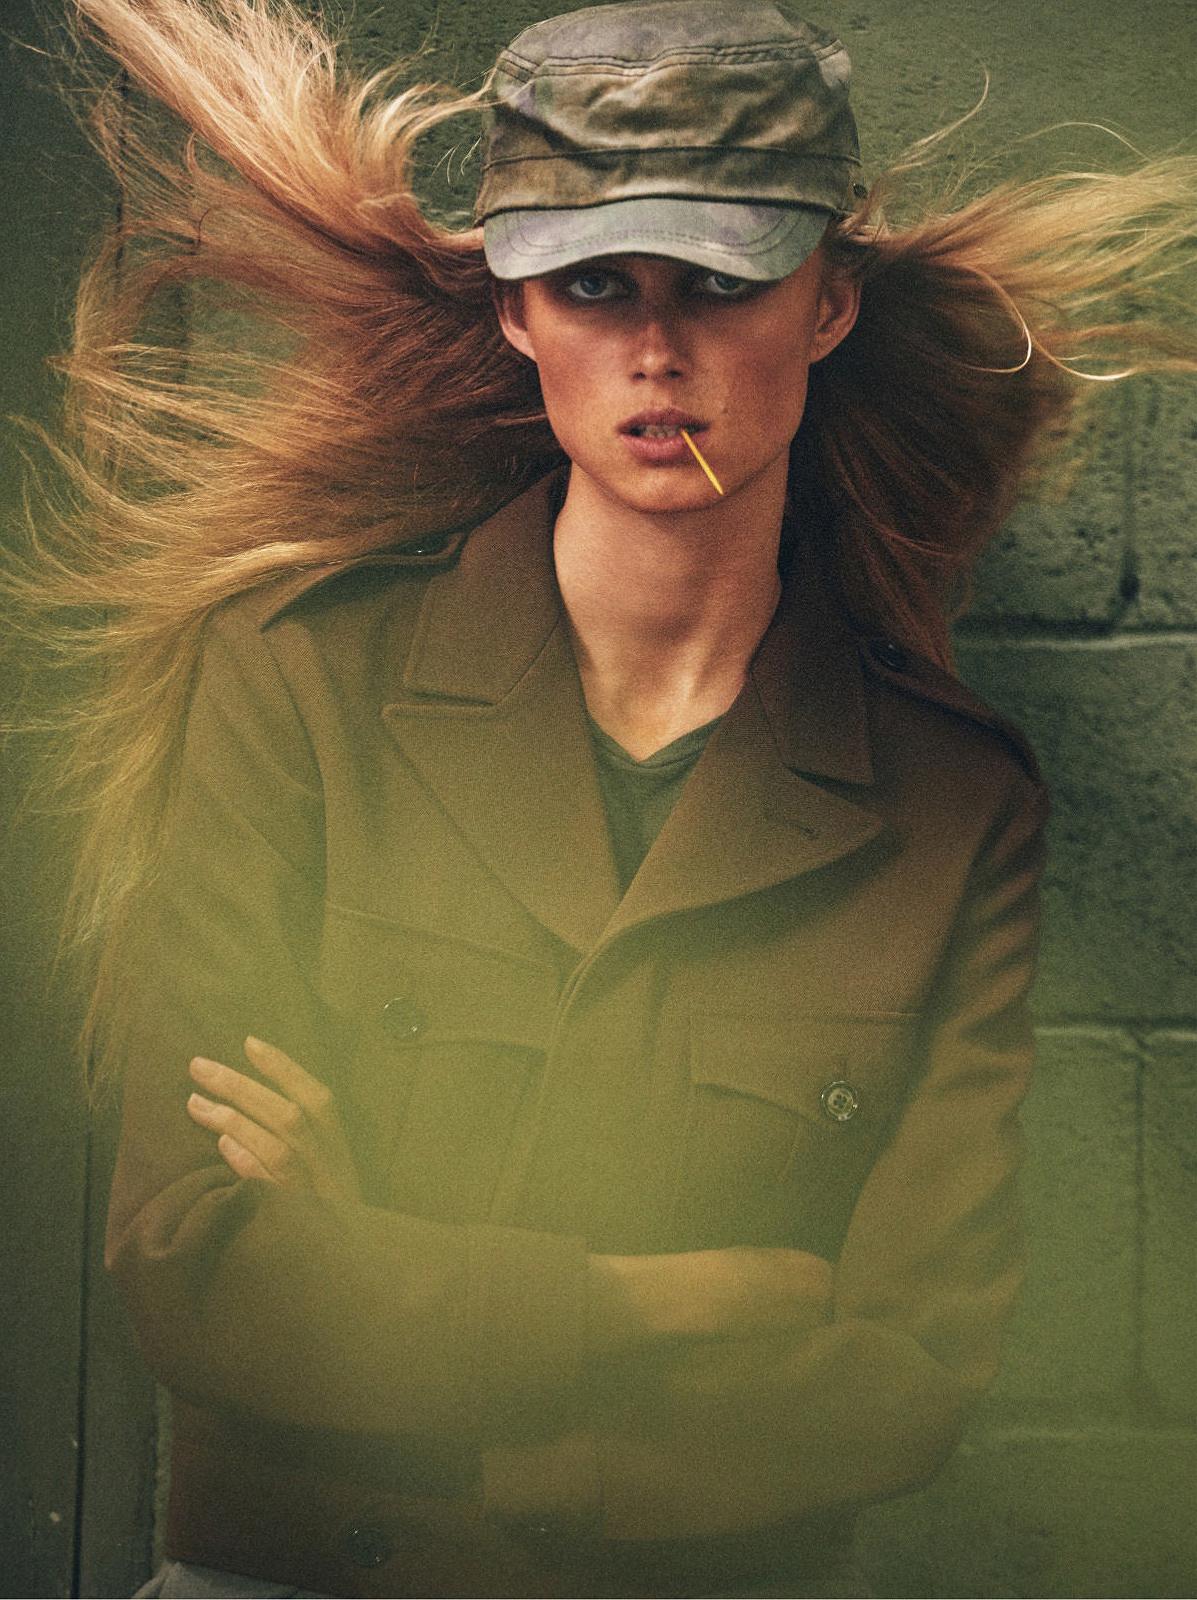 Rianne Van Rompaey by Mikael Jansson for Vogue Paris (12).jpg